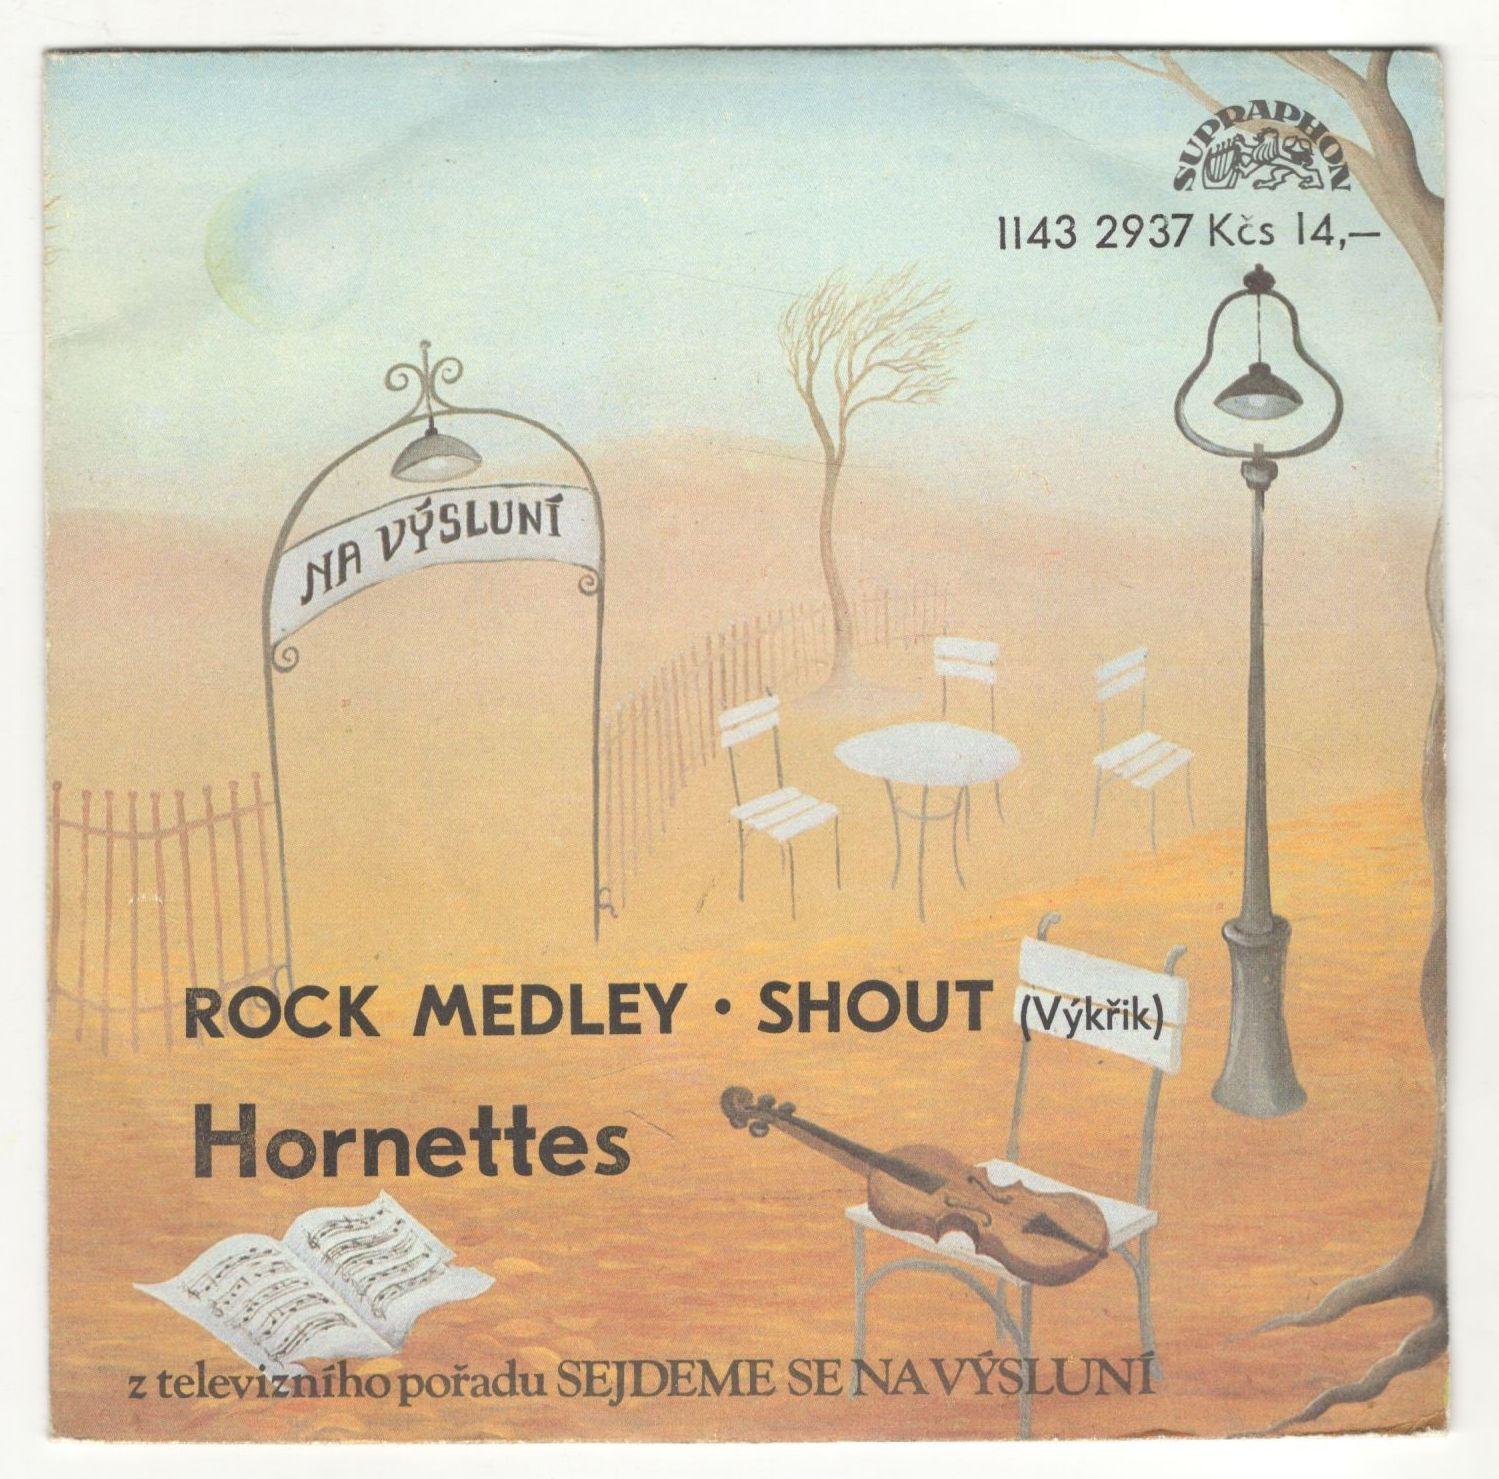 Rock Medley • Shout (Výkřik) - Hornettes (SP)